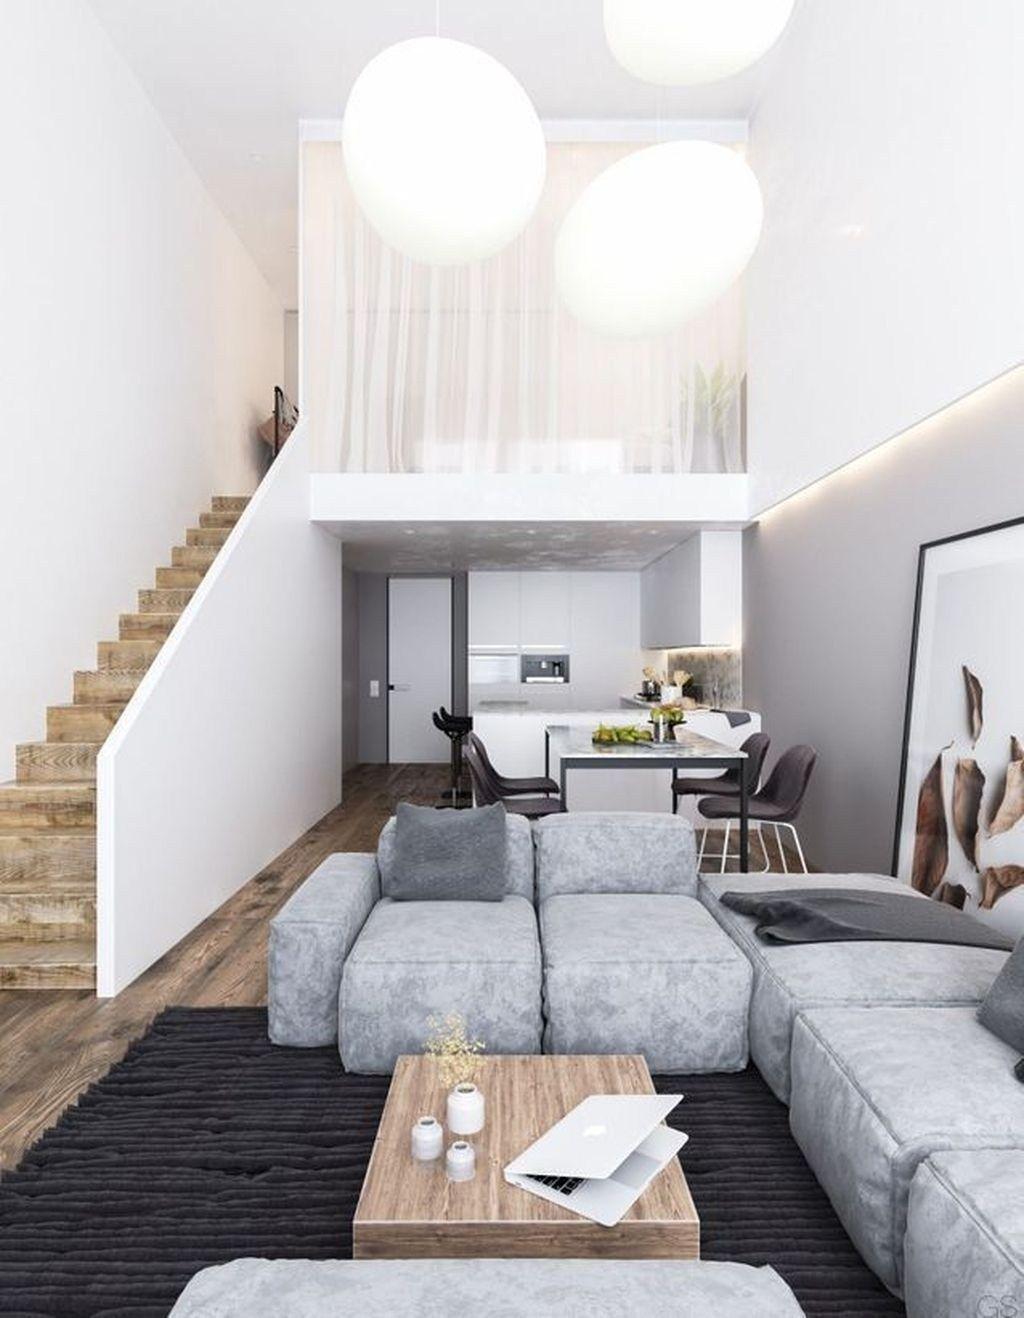 37 Easy And Simple Loft Home Décor Ideas To Inspire Tiny House Interior Loft Design Loft House